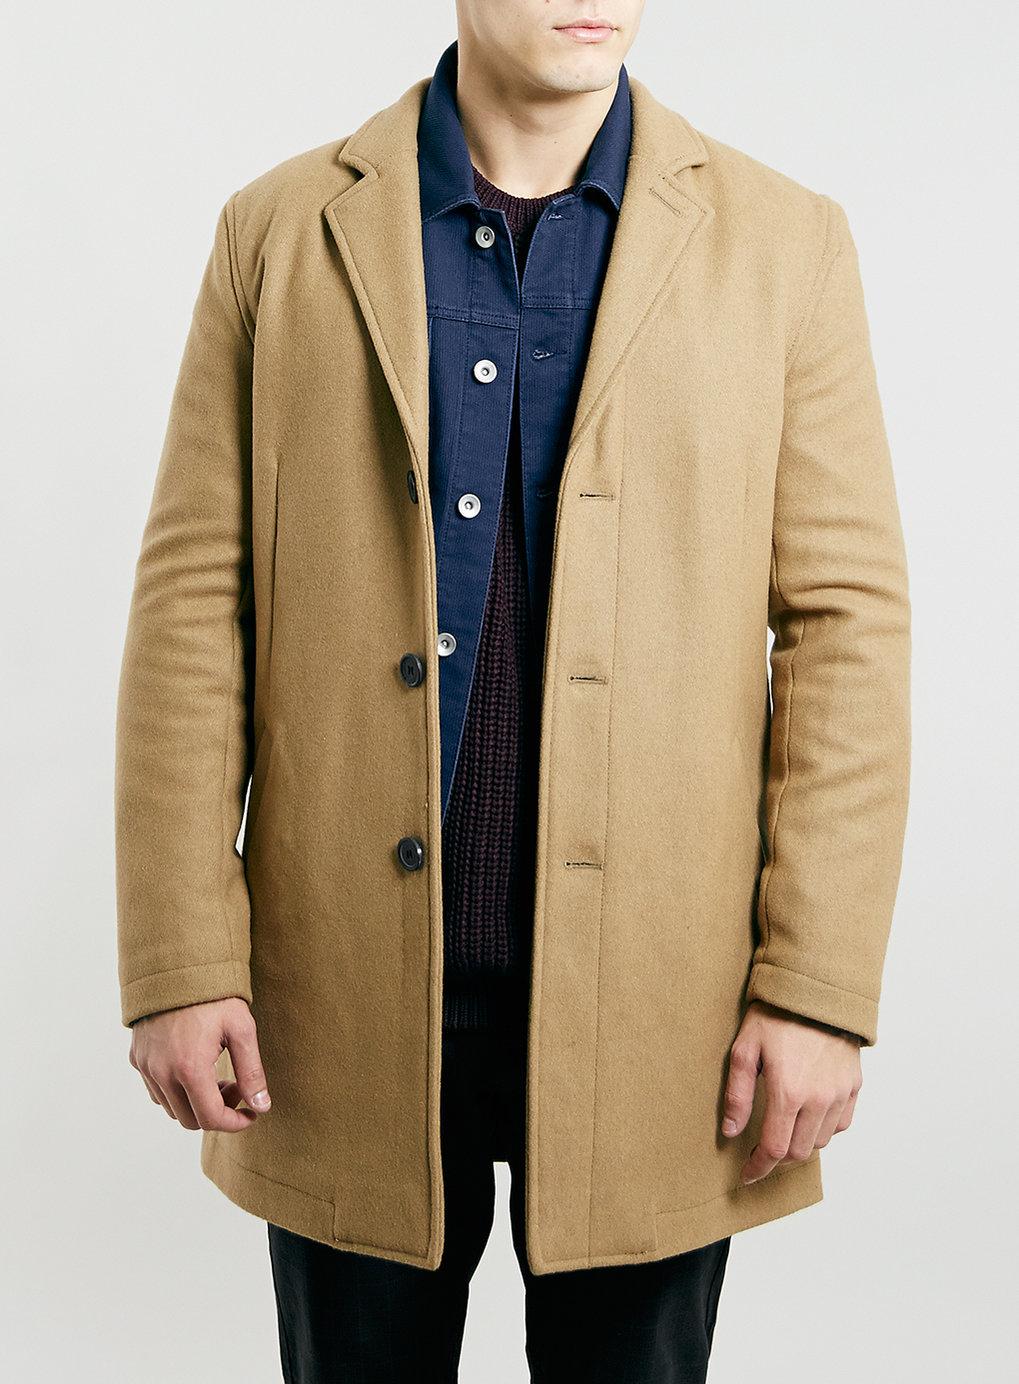 The Camel Coat.